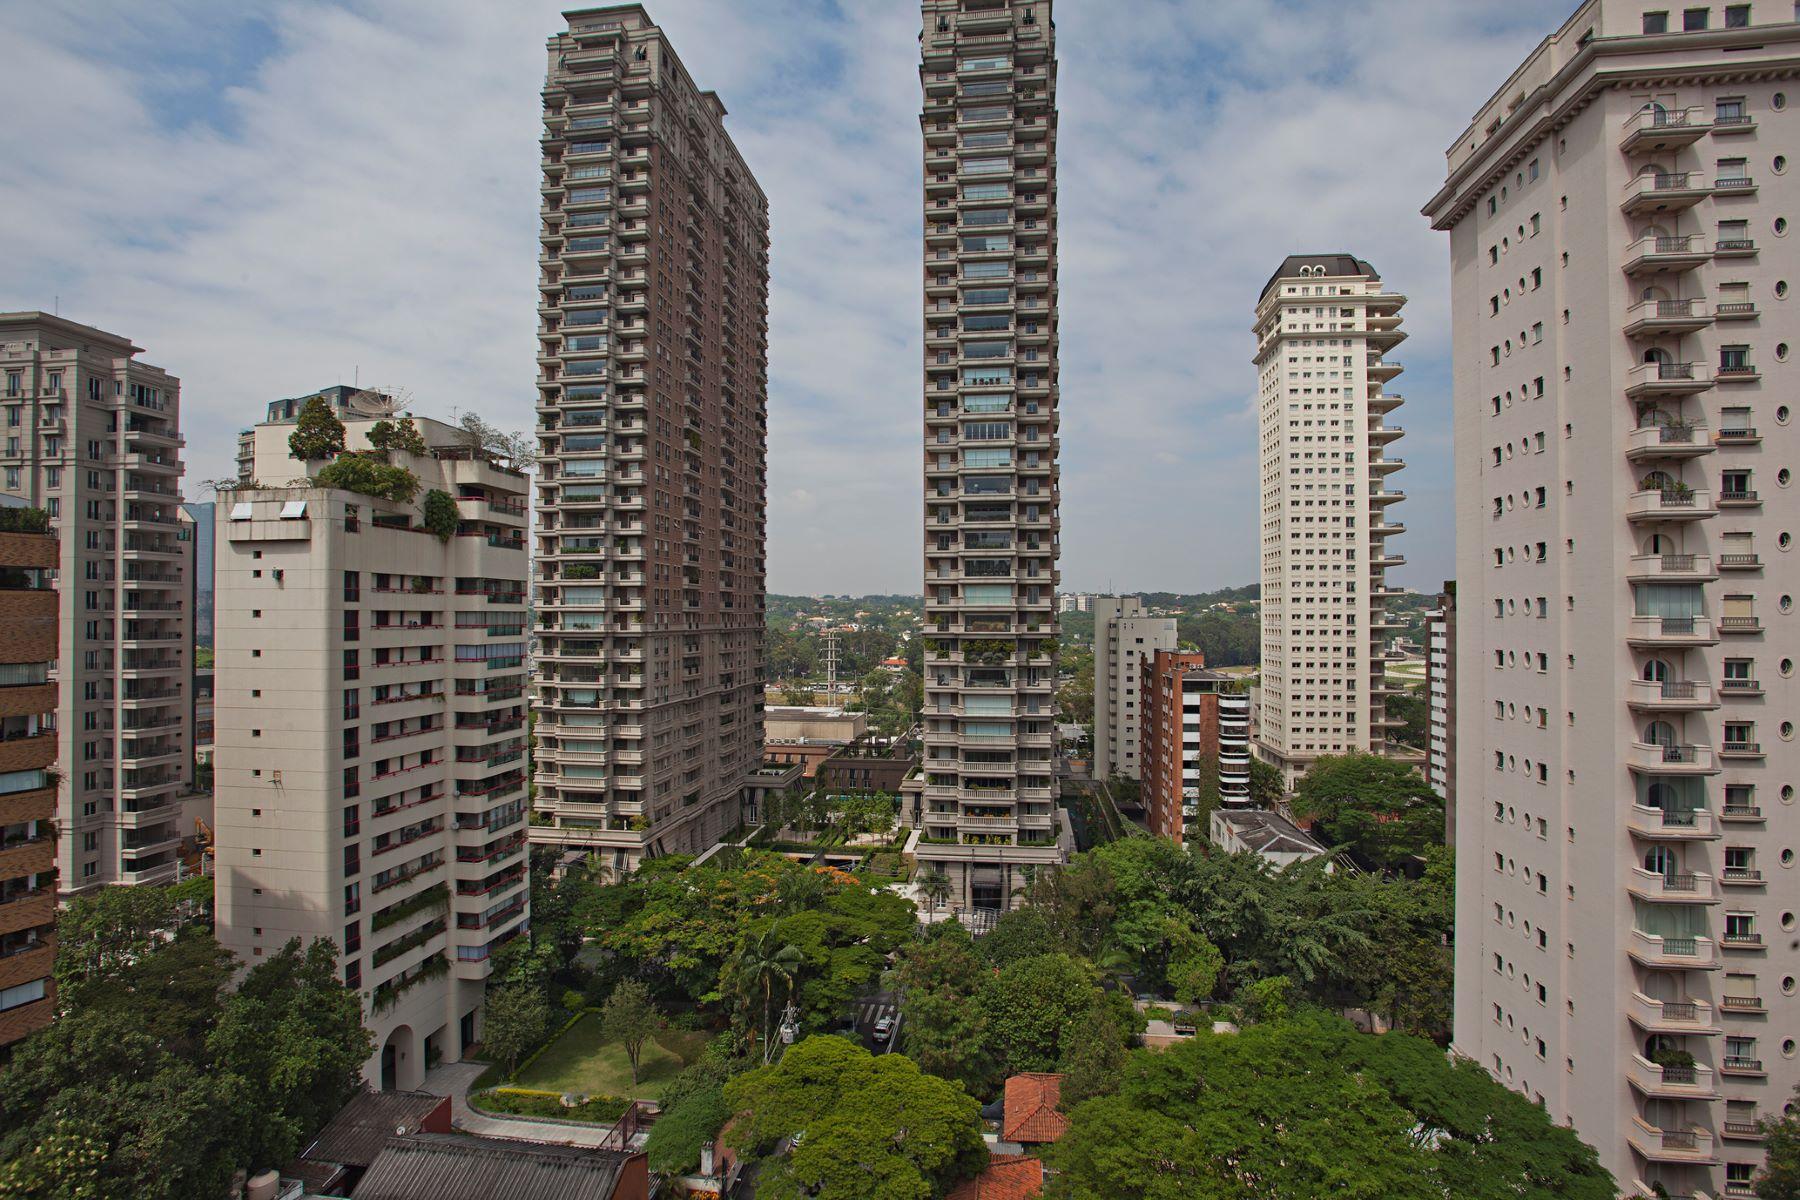 Single Family Home for Sale at Double penthouse a few steps from Pinheiros Club Rua Sabuji Sao Paulo, Sao Paulo, 01455-030 Brazil